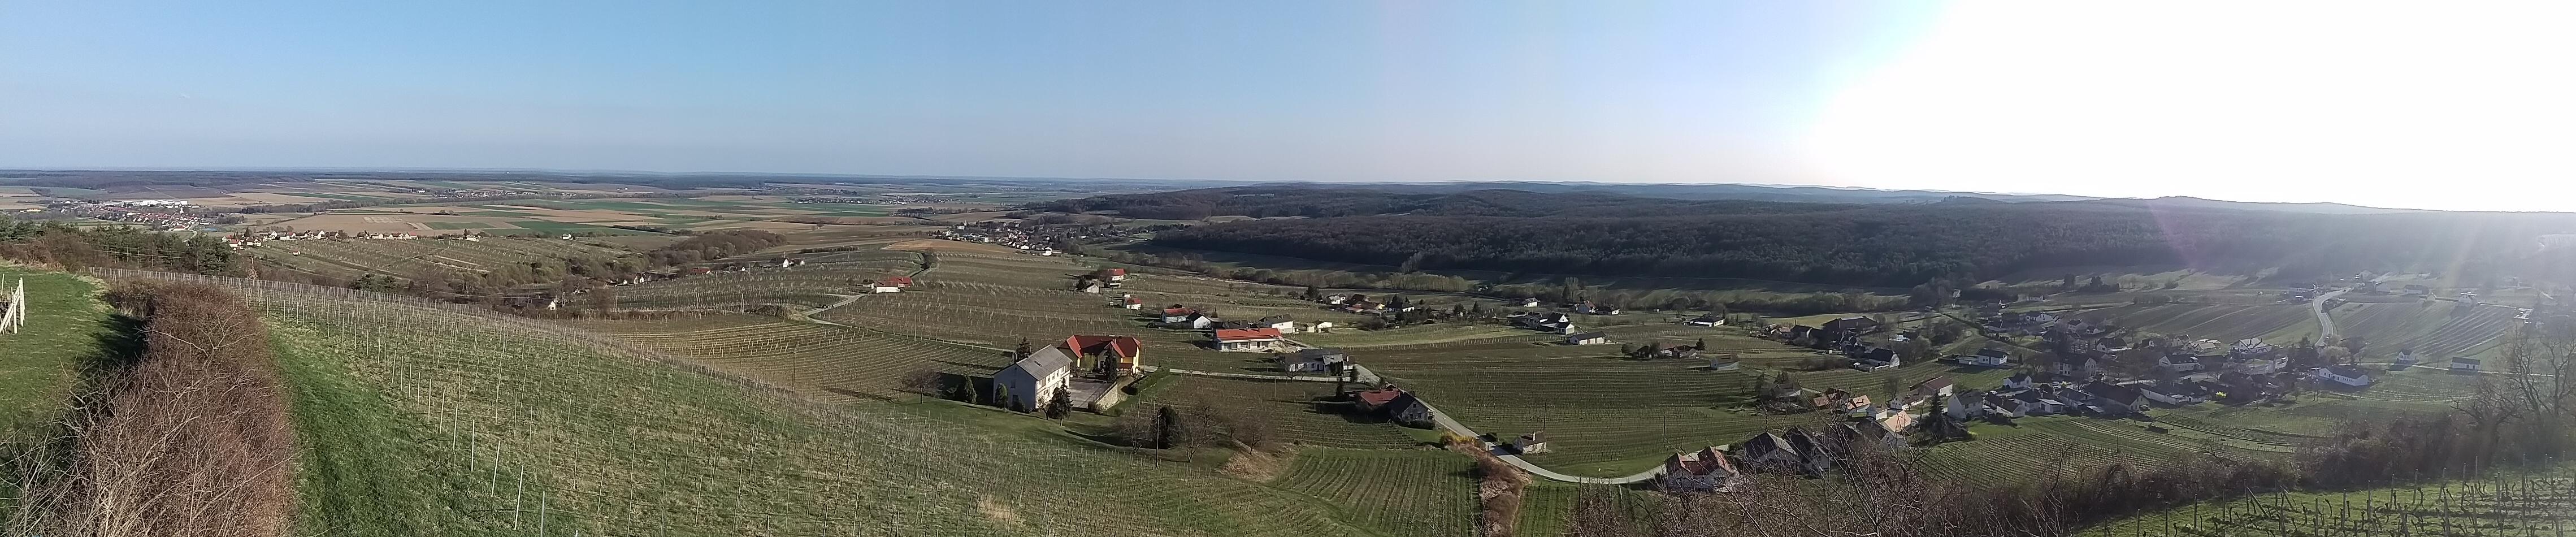 SüdBurgenland, entre vinos por Austria!